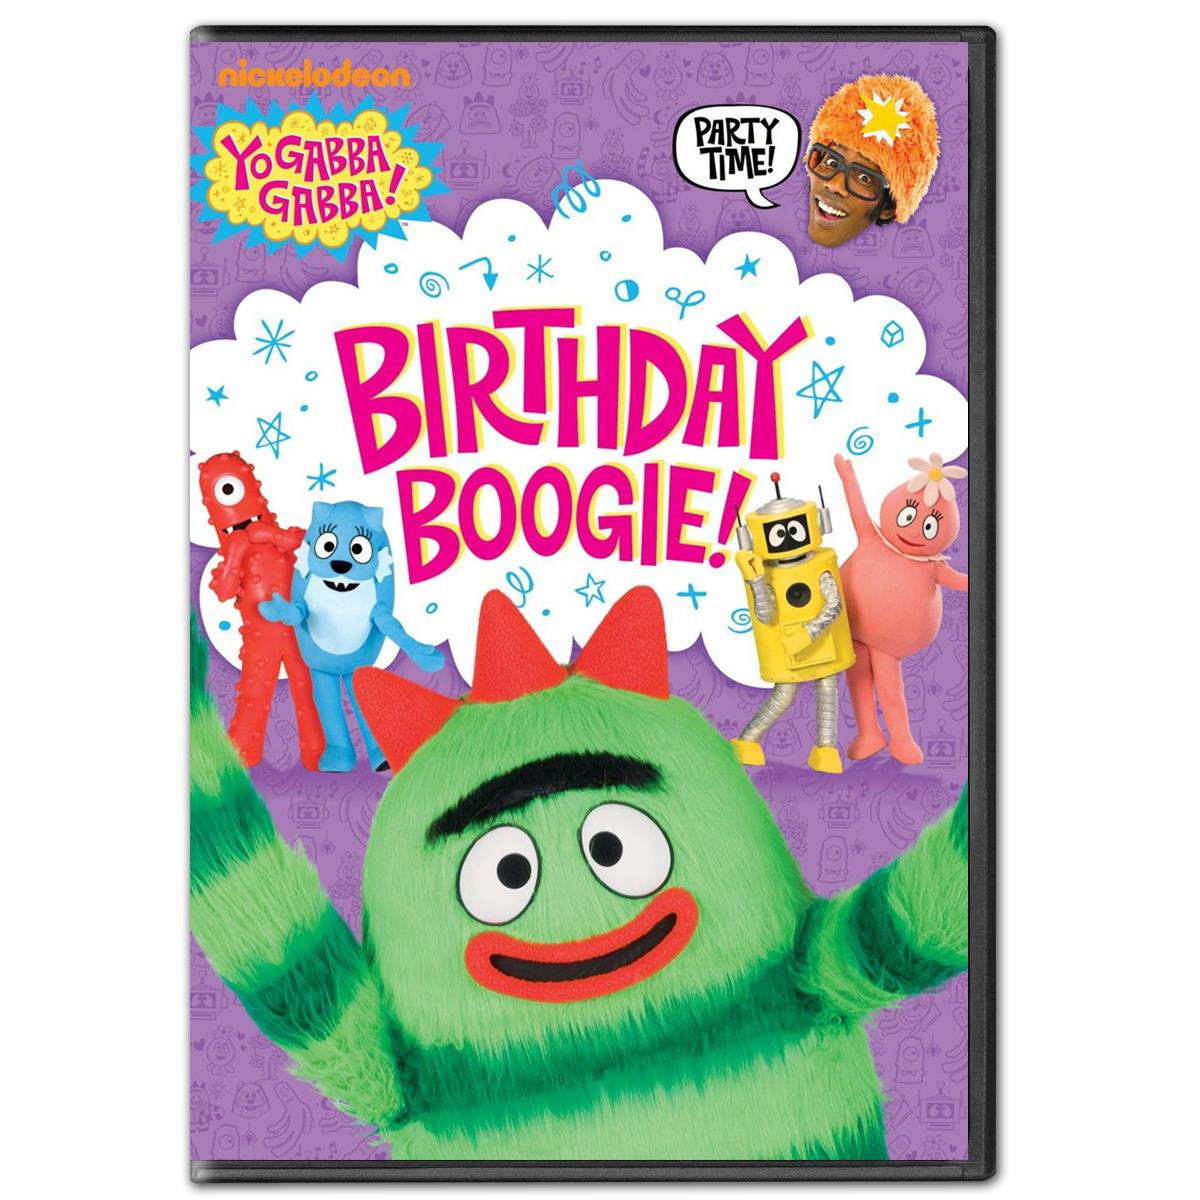 Yo Gabba Gabba! Birthday Boogie DVD